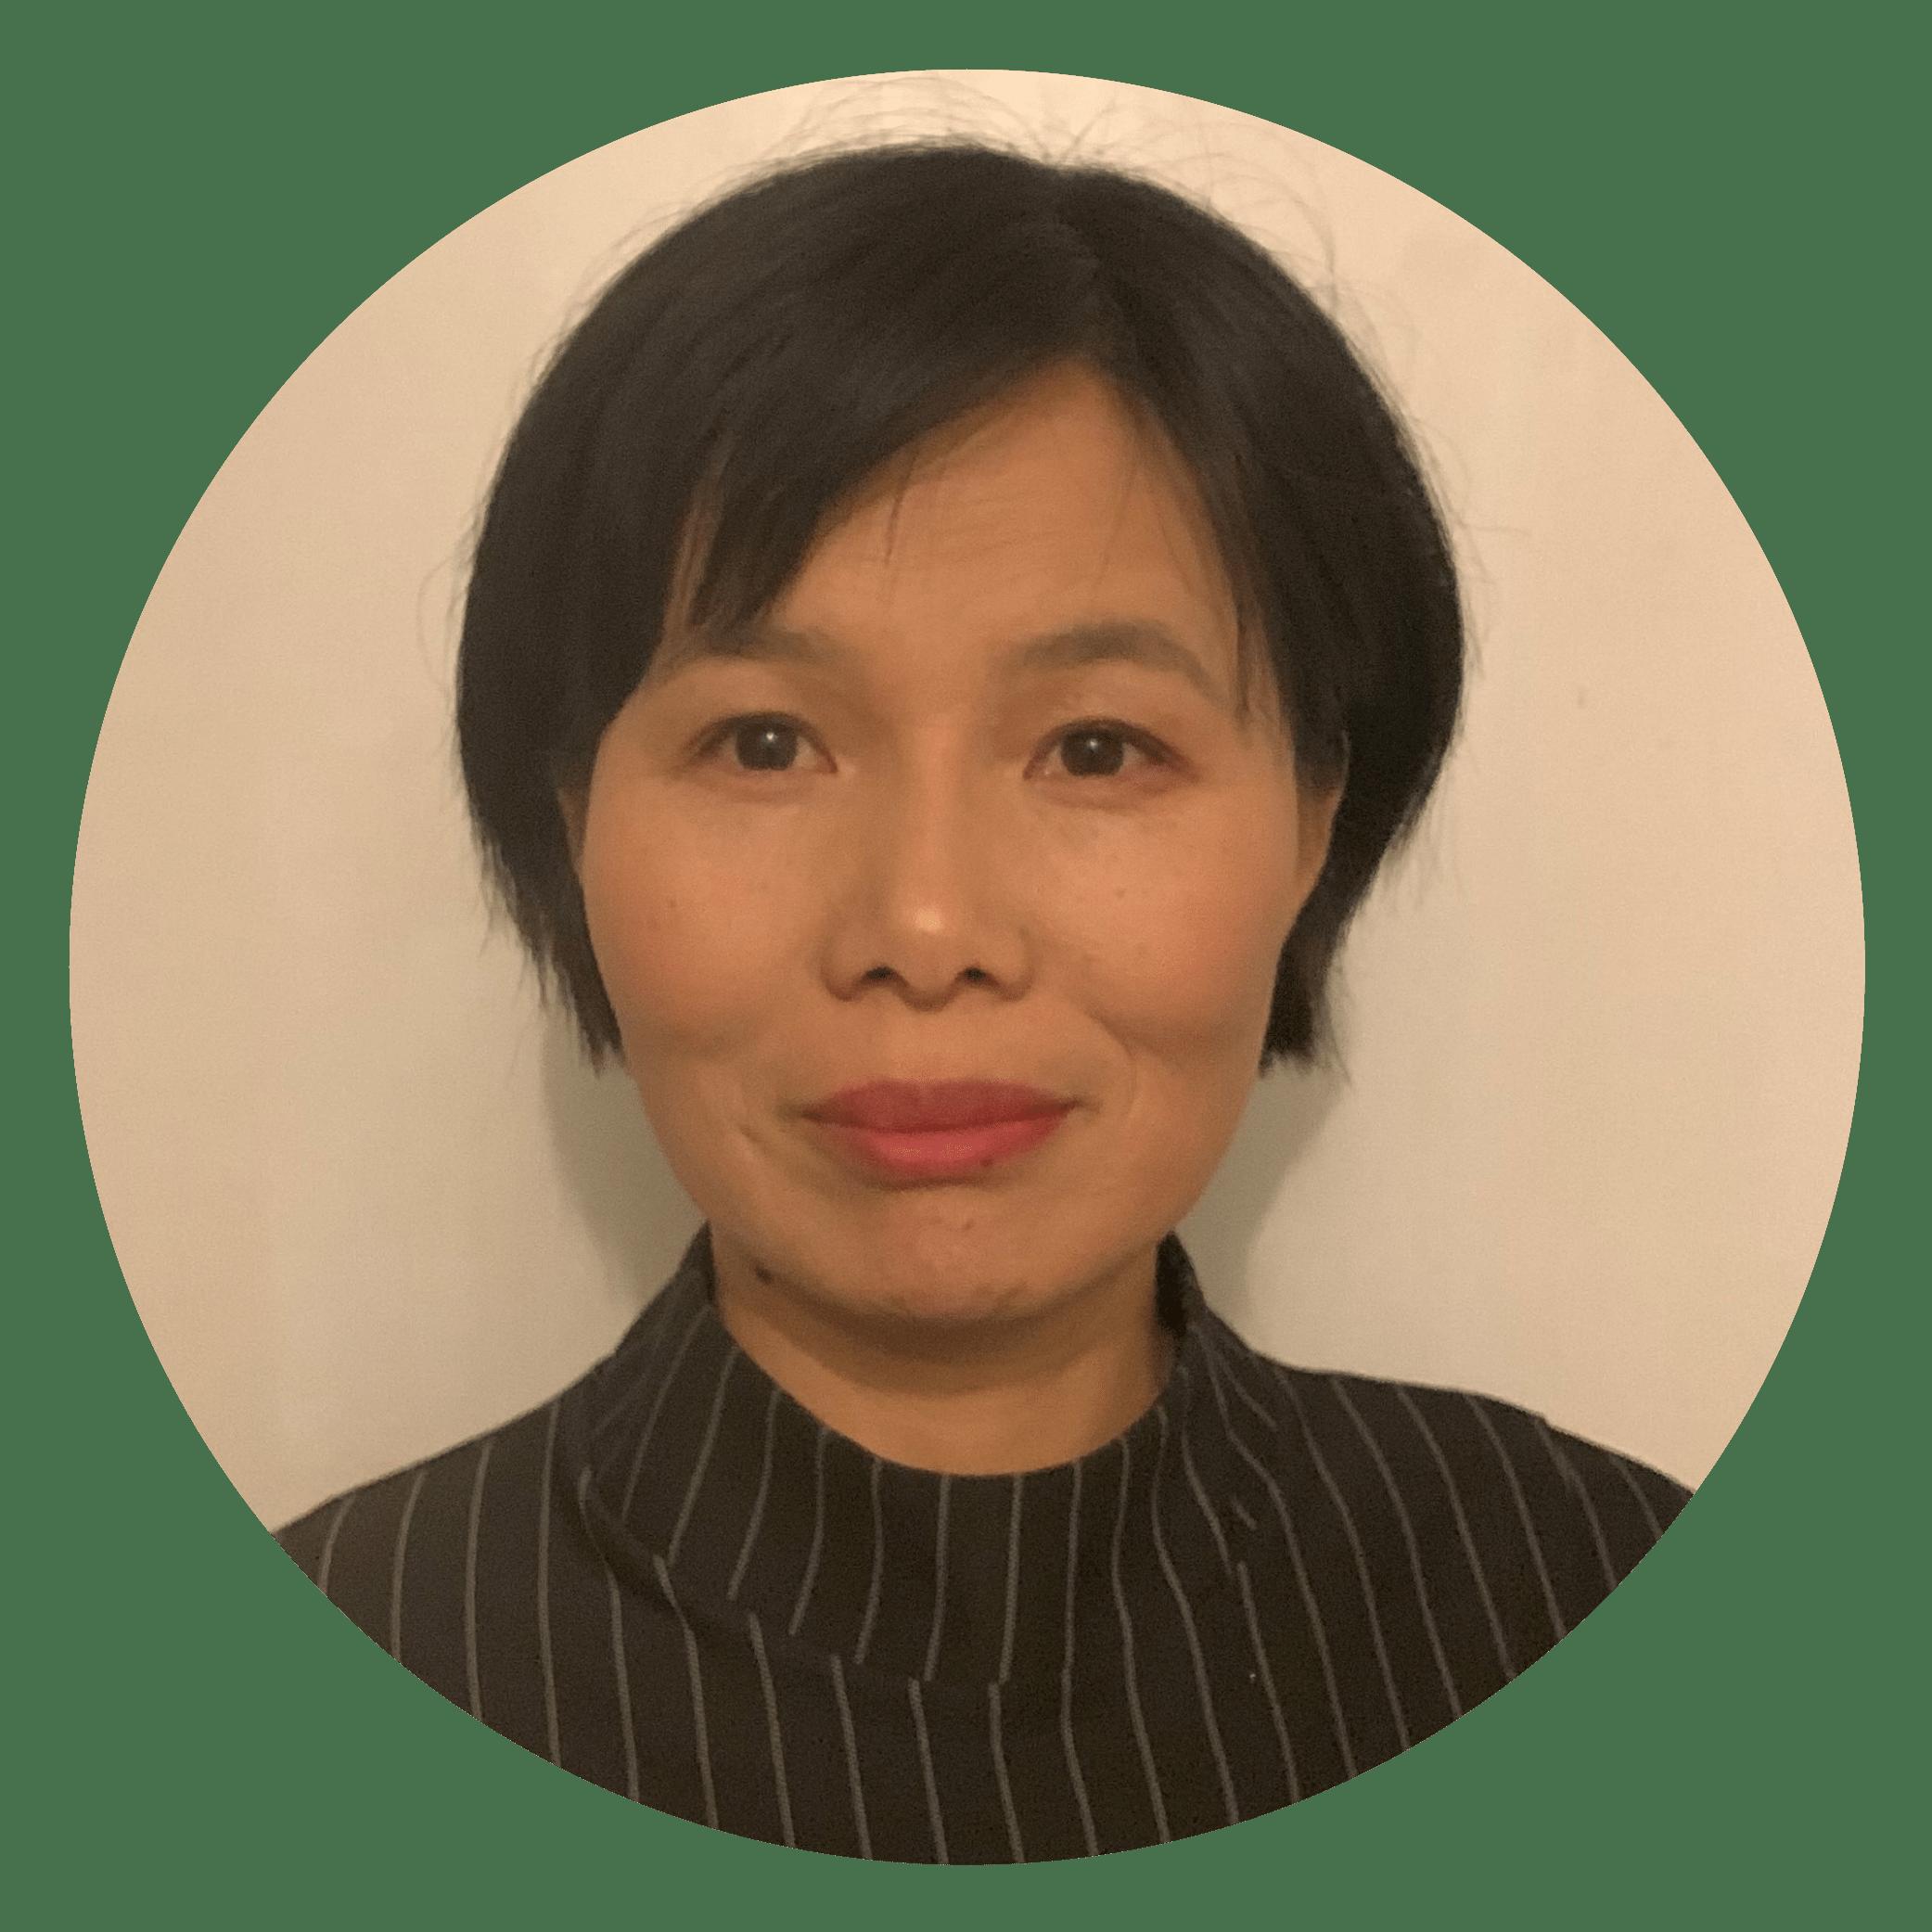 Yuwei Zhang